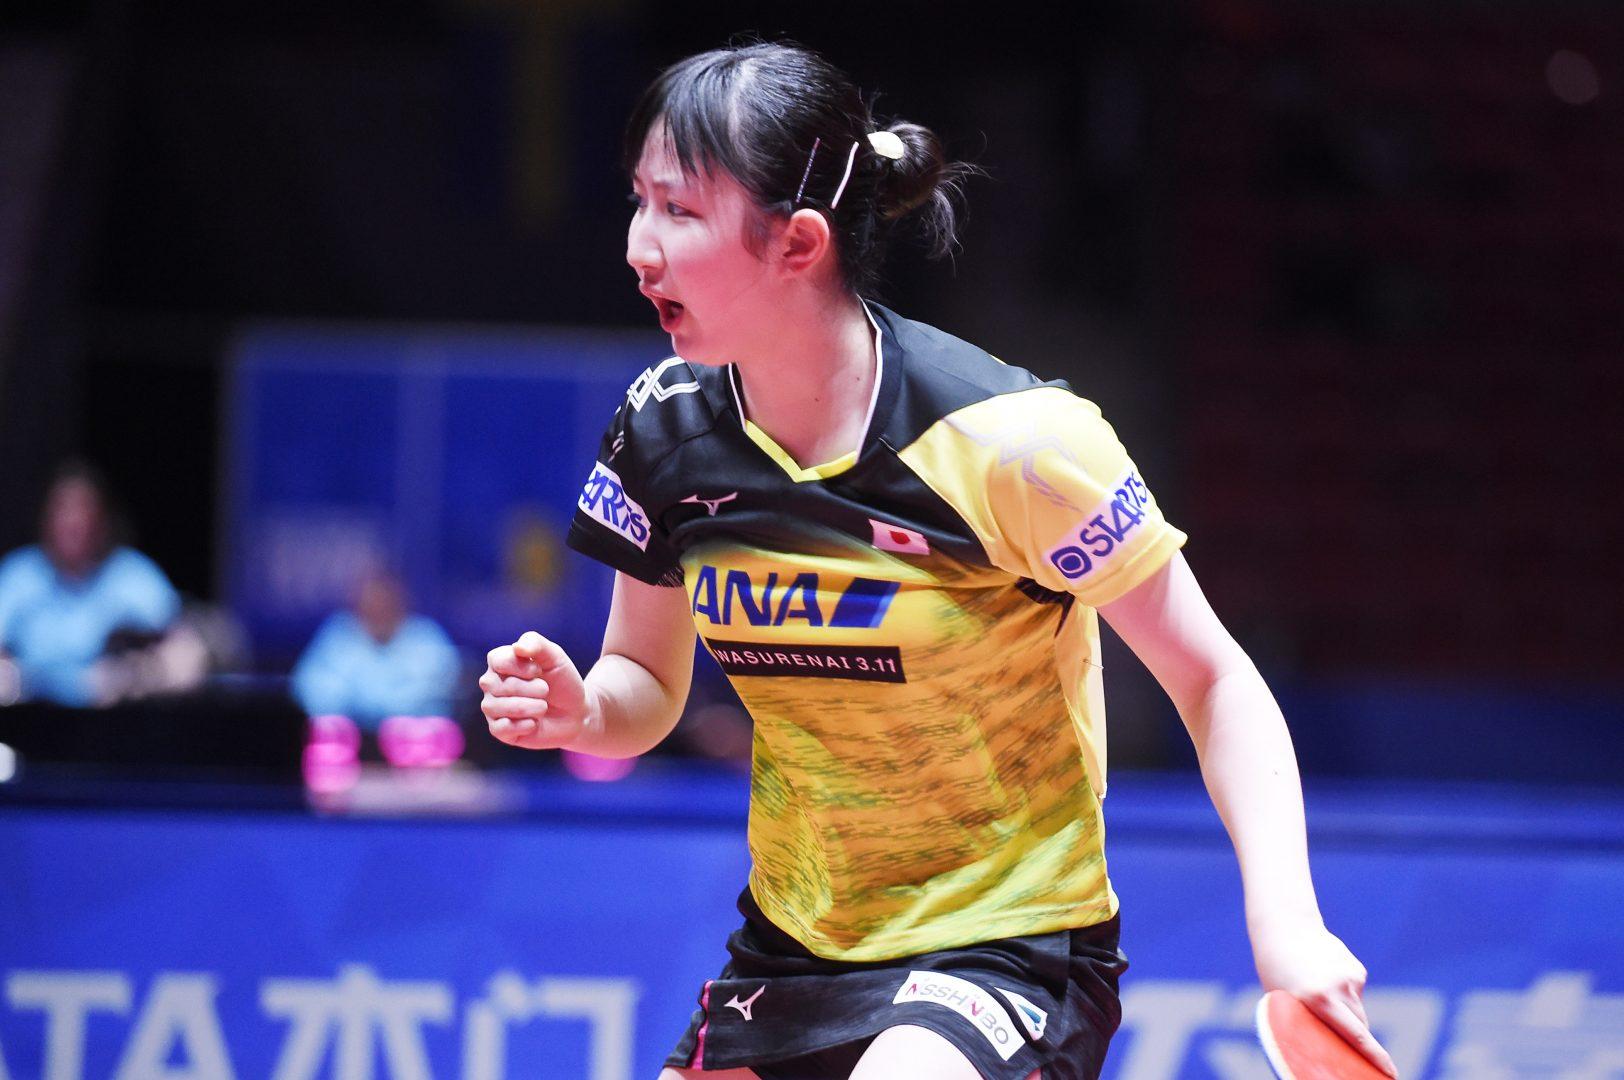 【卓球女子】早田・木原らが争う最後の1枠 世界卓球選考会の出場選手を一挙紹介